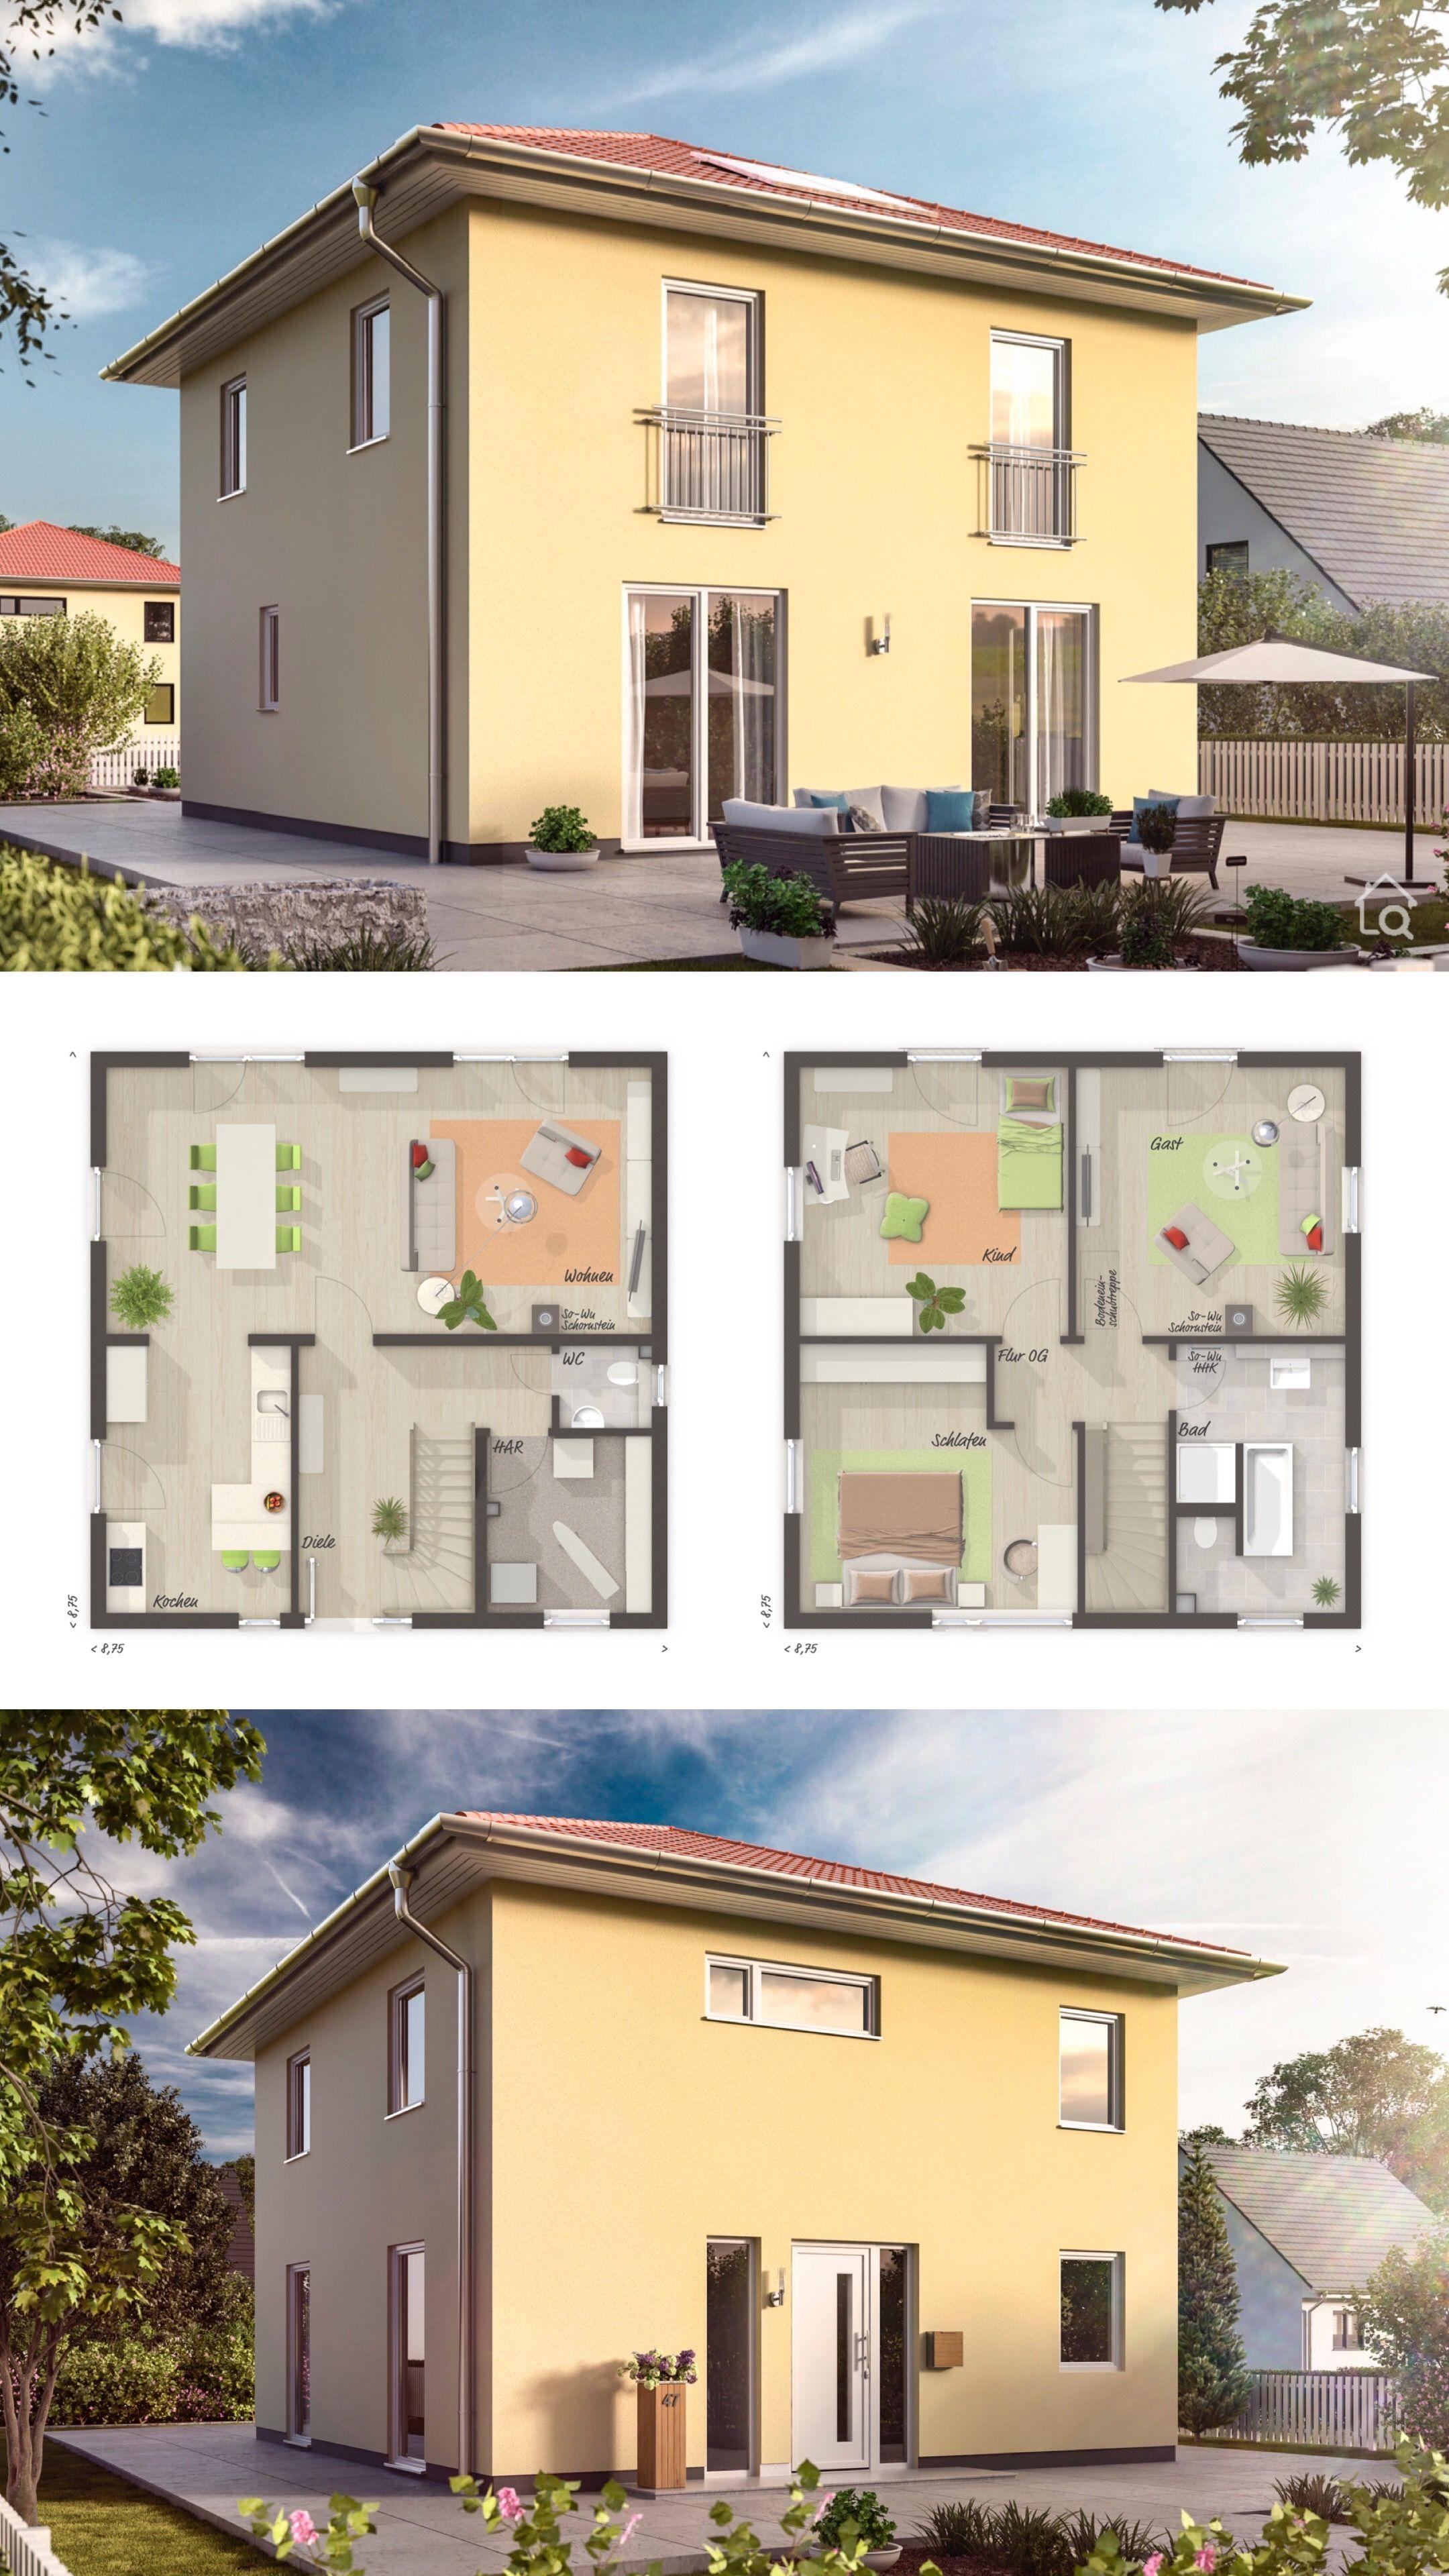 Einfamilienhaus Stadtvilla klassisch mit Putz Fassade